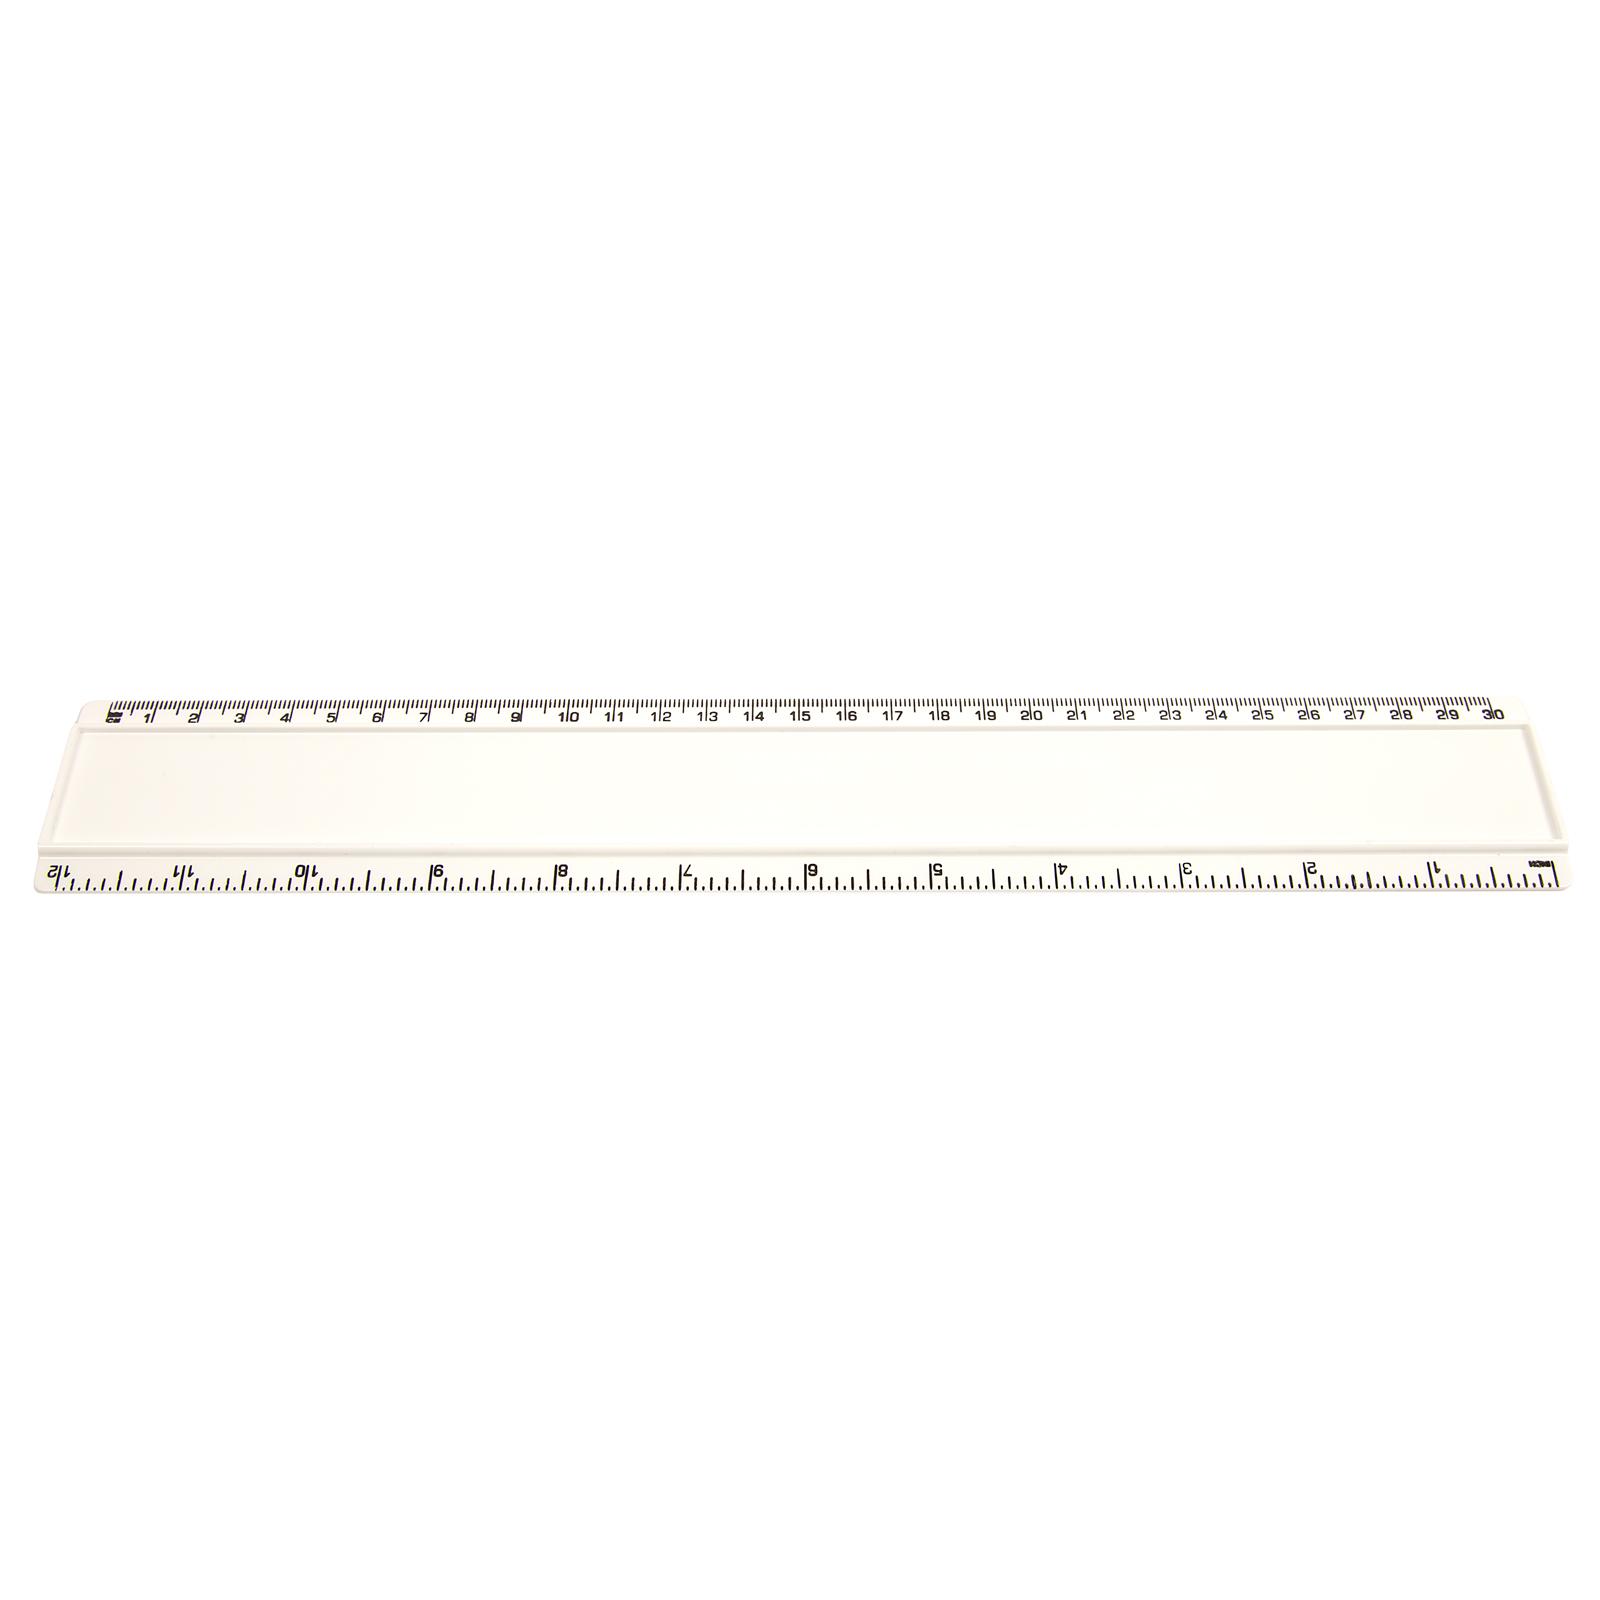 Blank 12in Plastic Ruler Scale Measure Flexible School Office Stationery